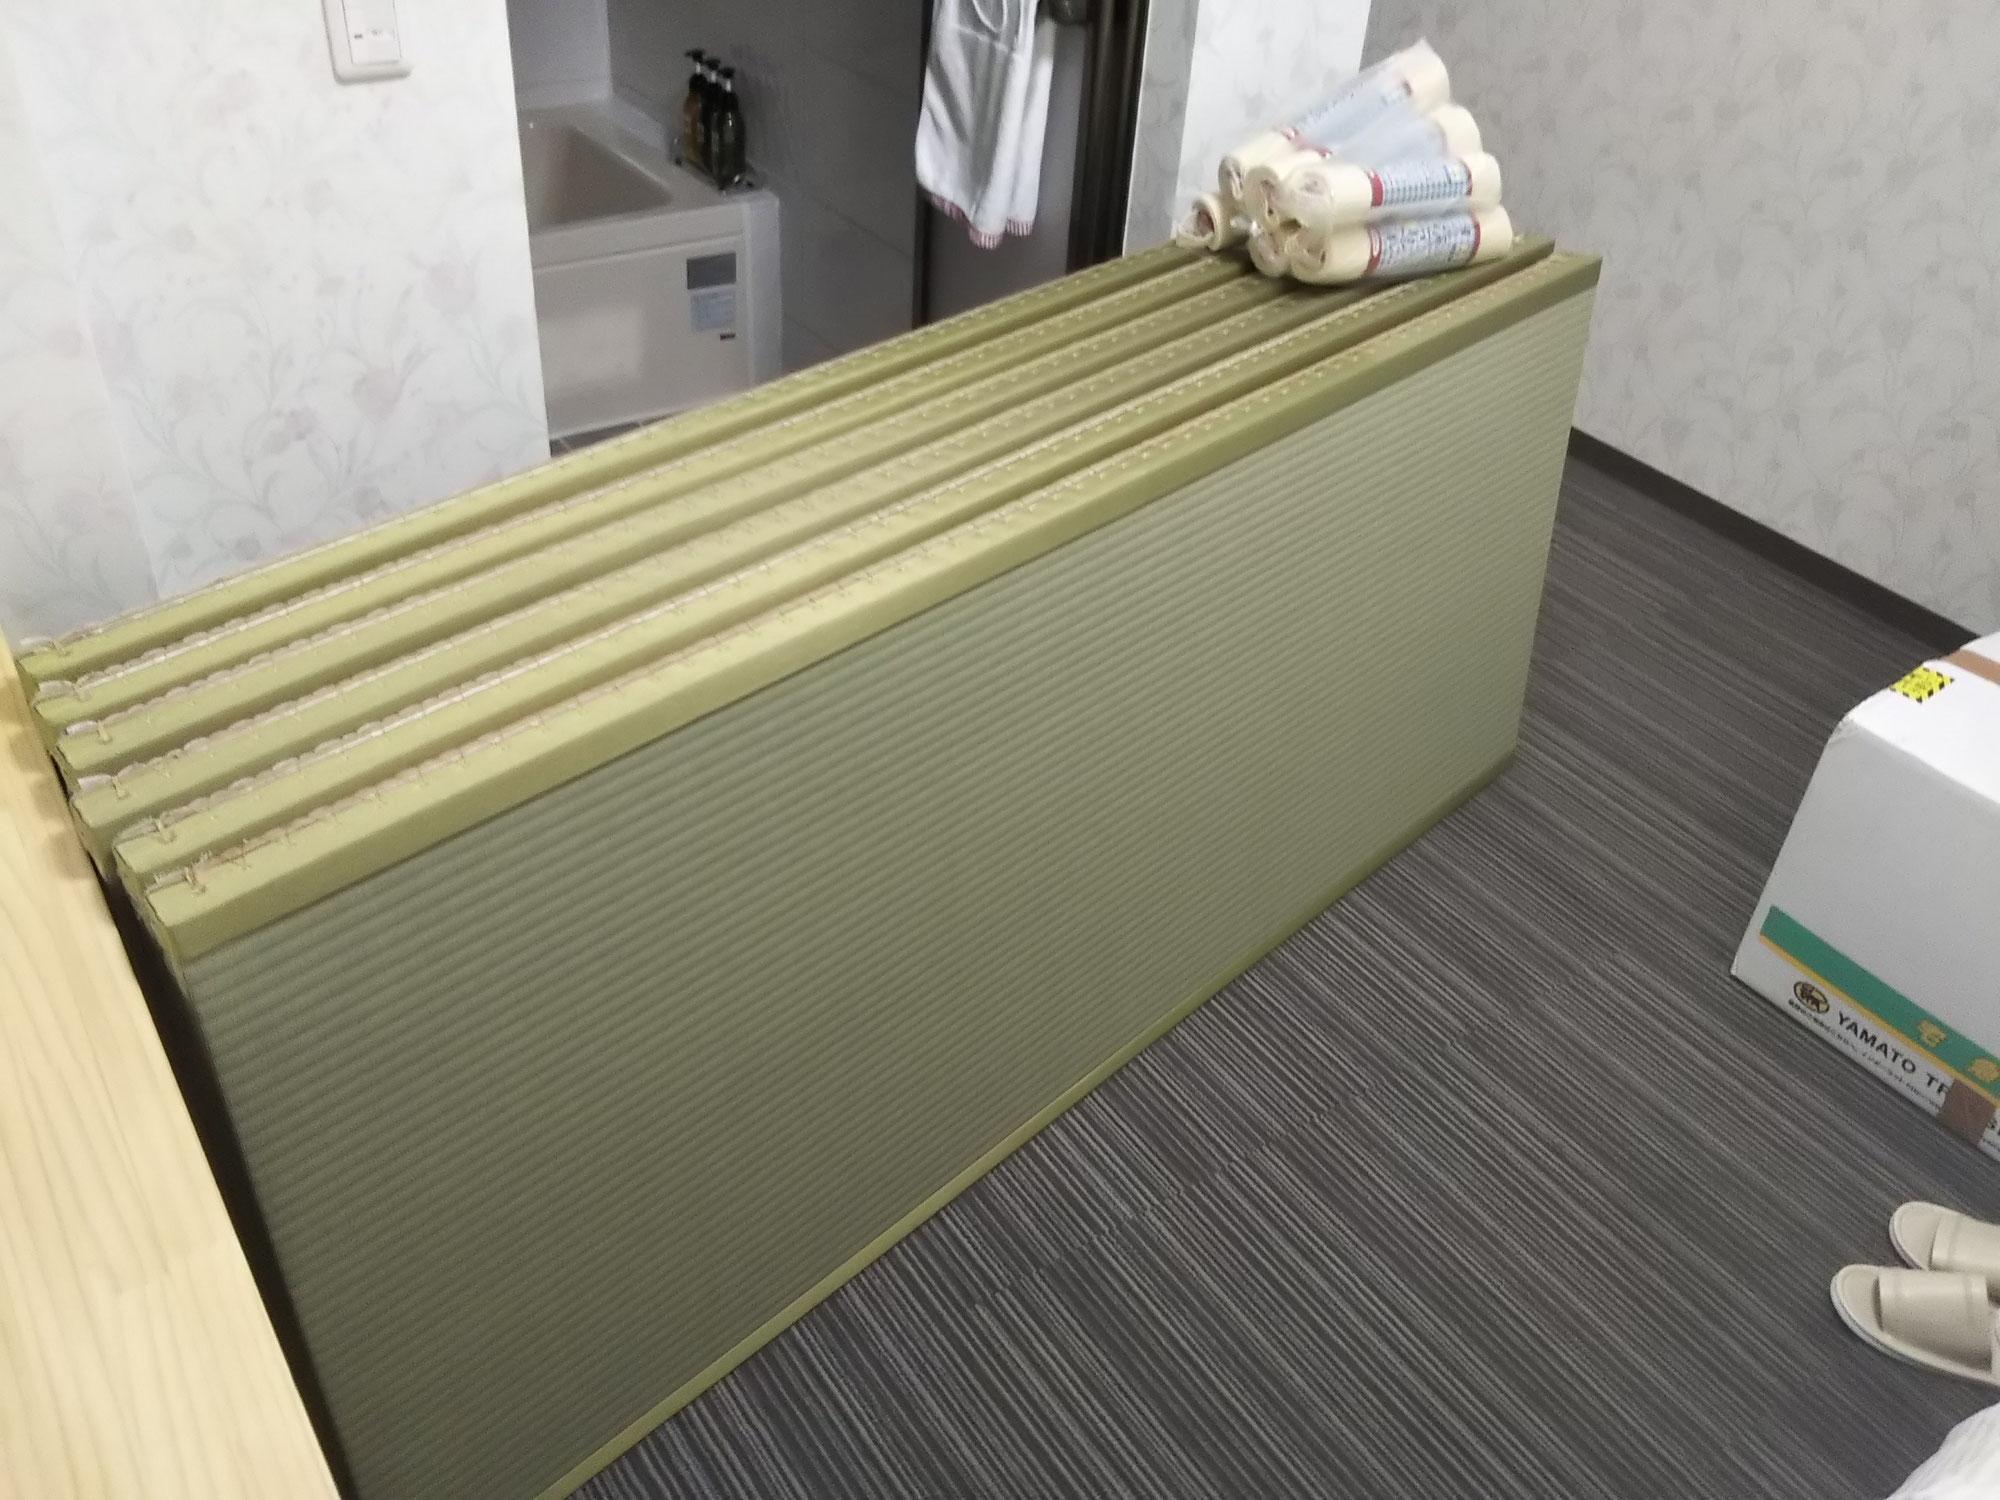 カーペット敷きの洋間に畳を敷き込みました!